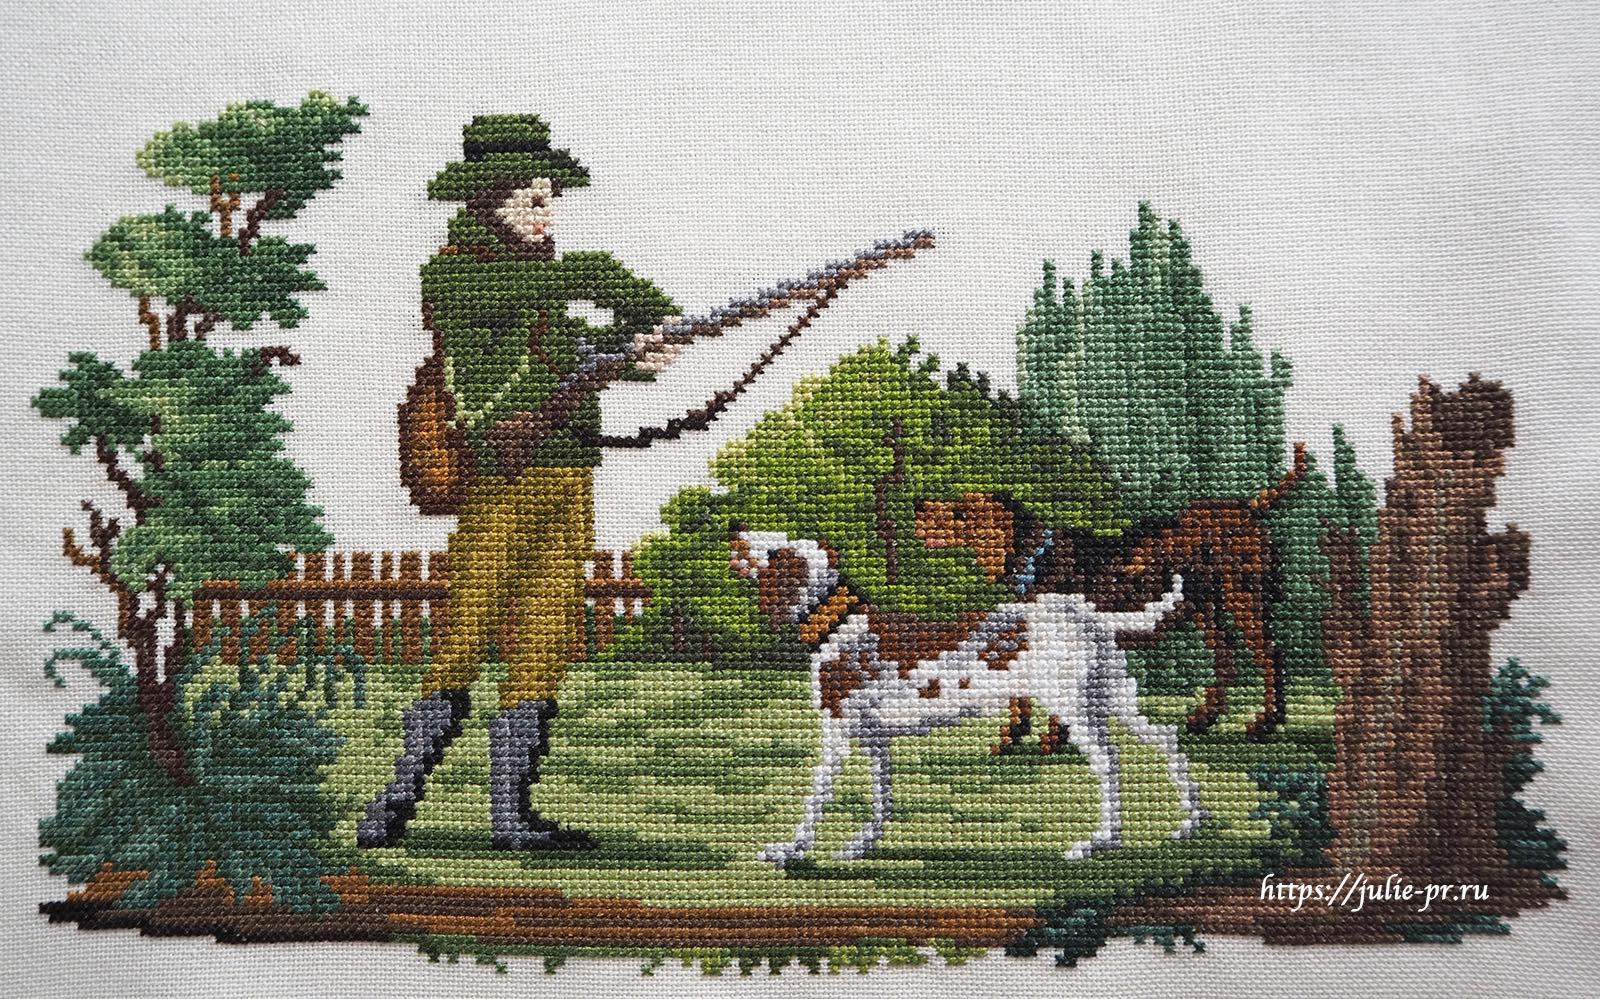 Вышивка крестом Raffaella Serena - Nei boschi, a Cortina (В лесах Кортины), берлинская вышивка